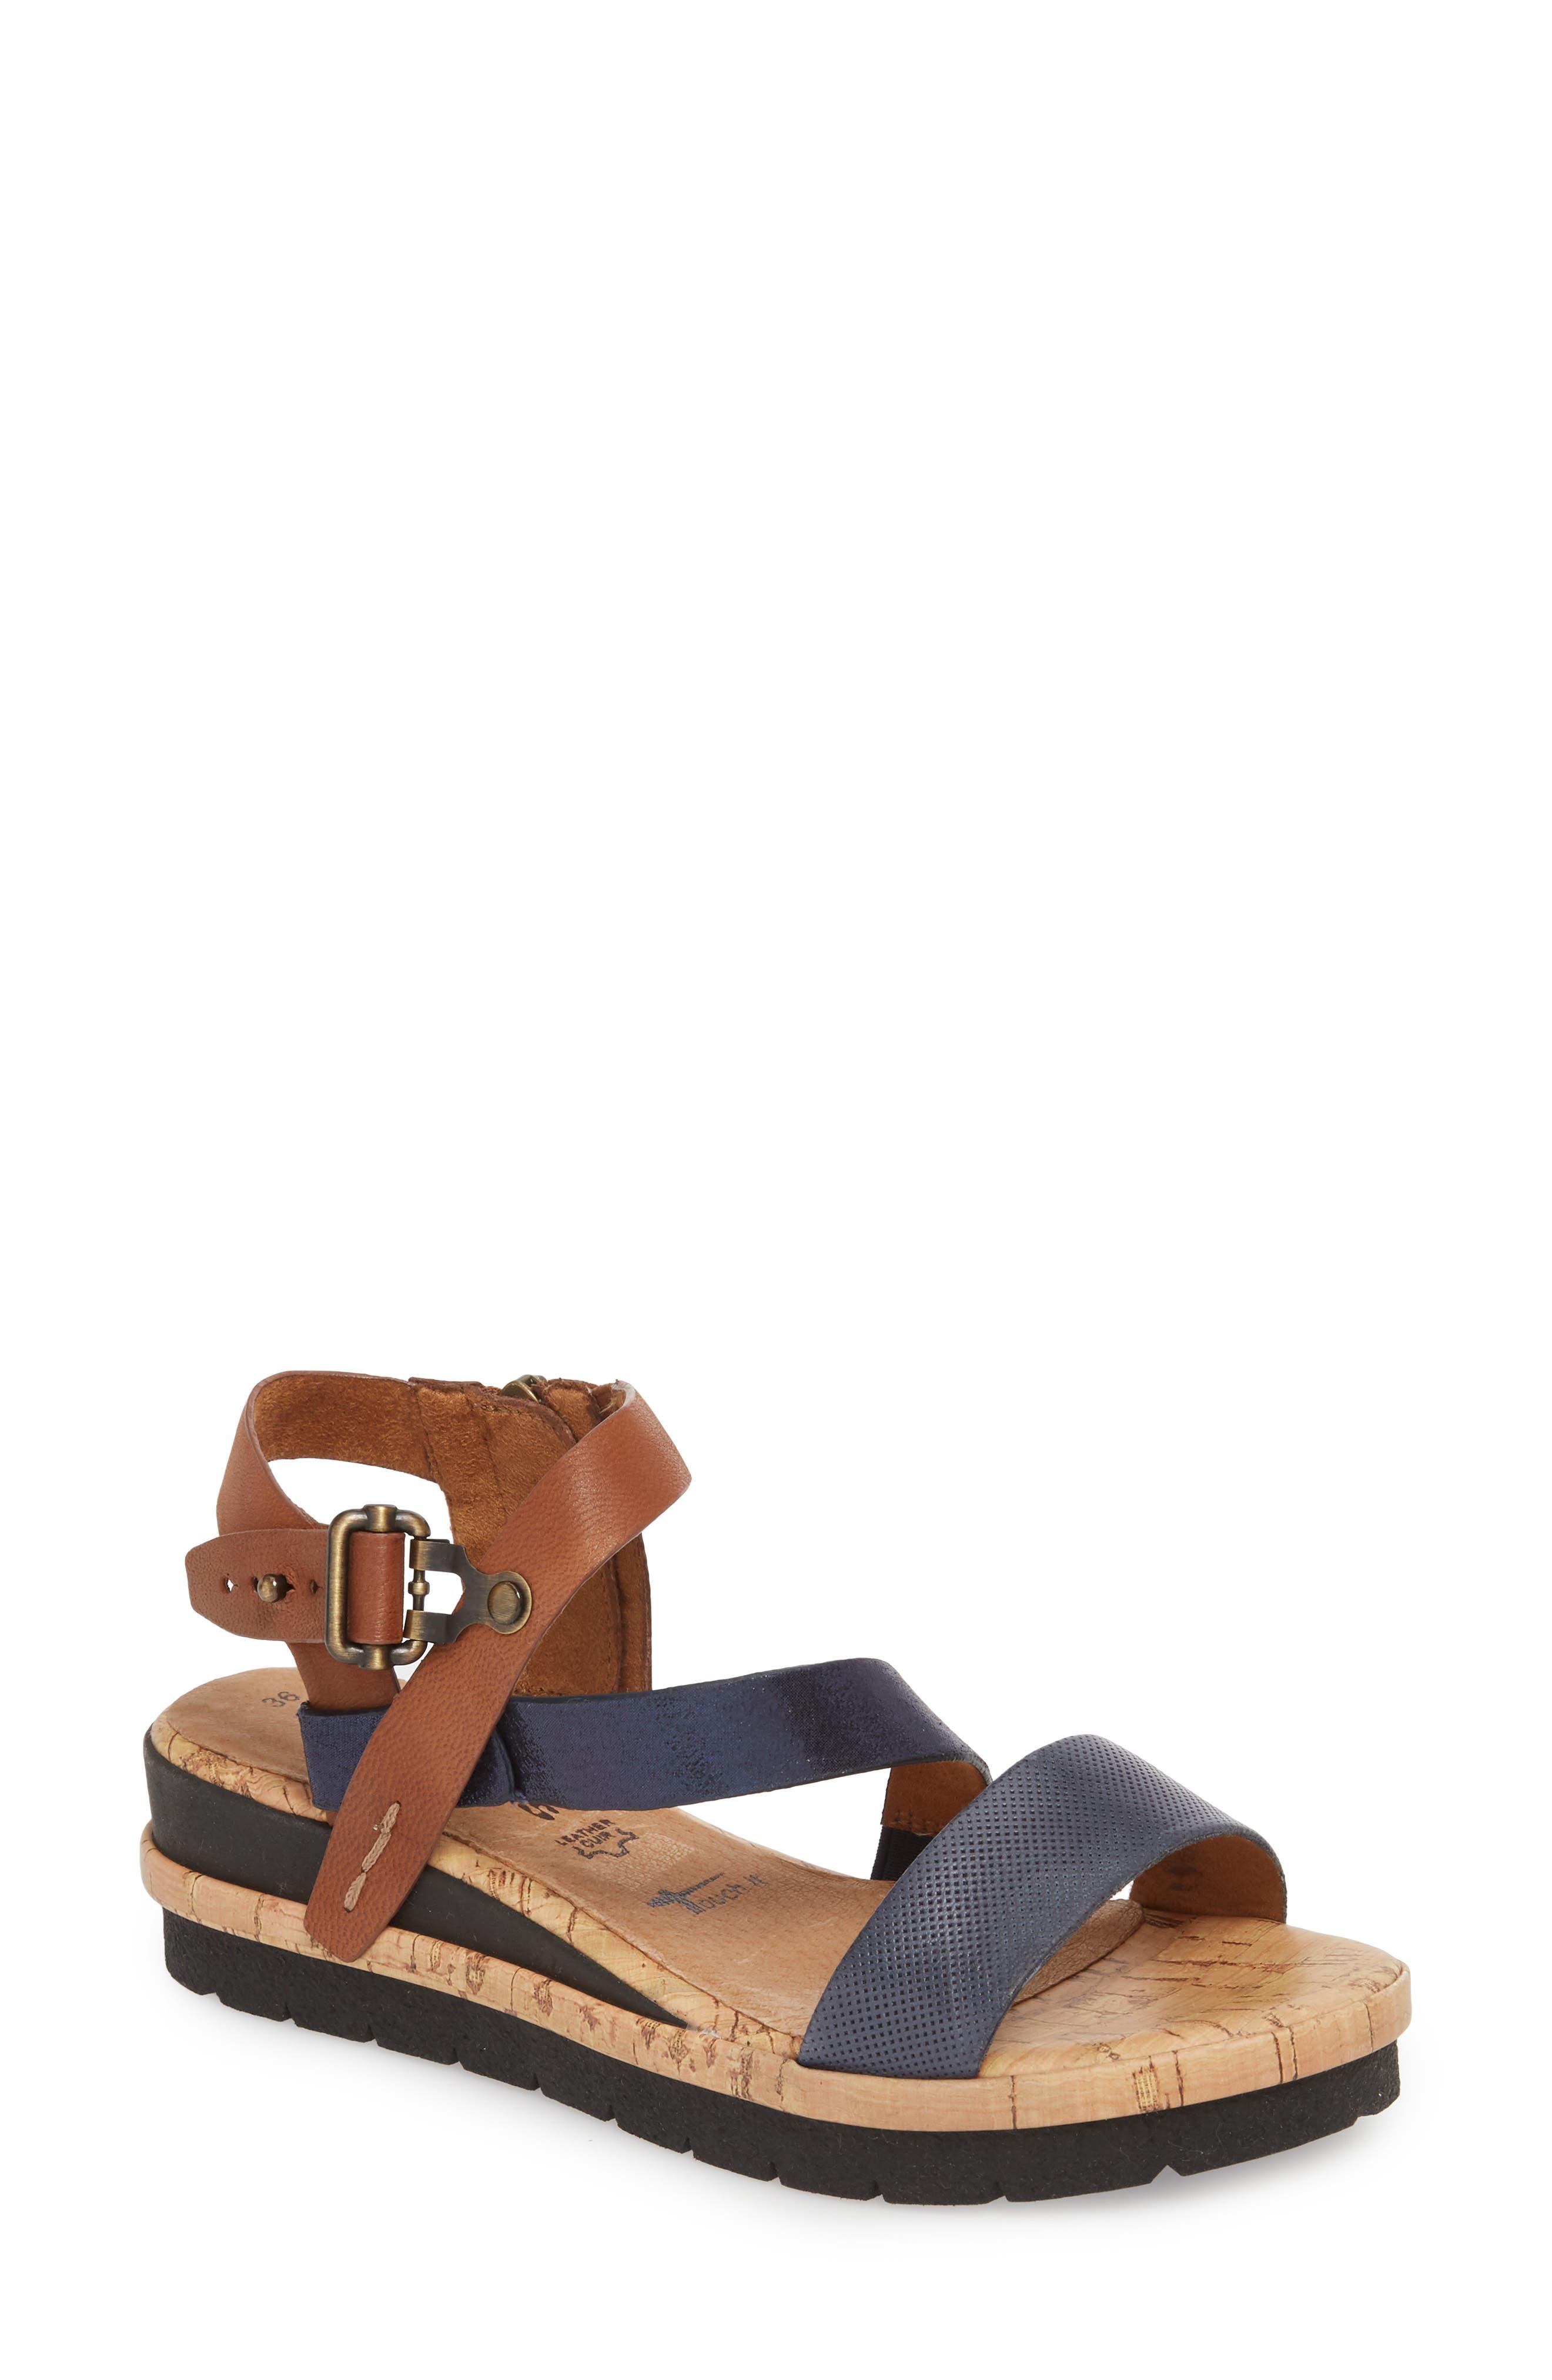 Eda Diagonal Strap Wedge Sandal,                         Main,                         color, 413